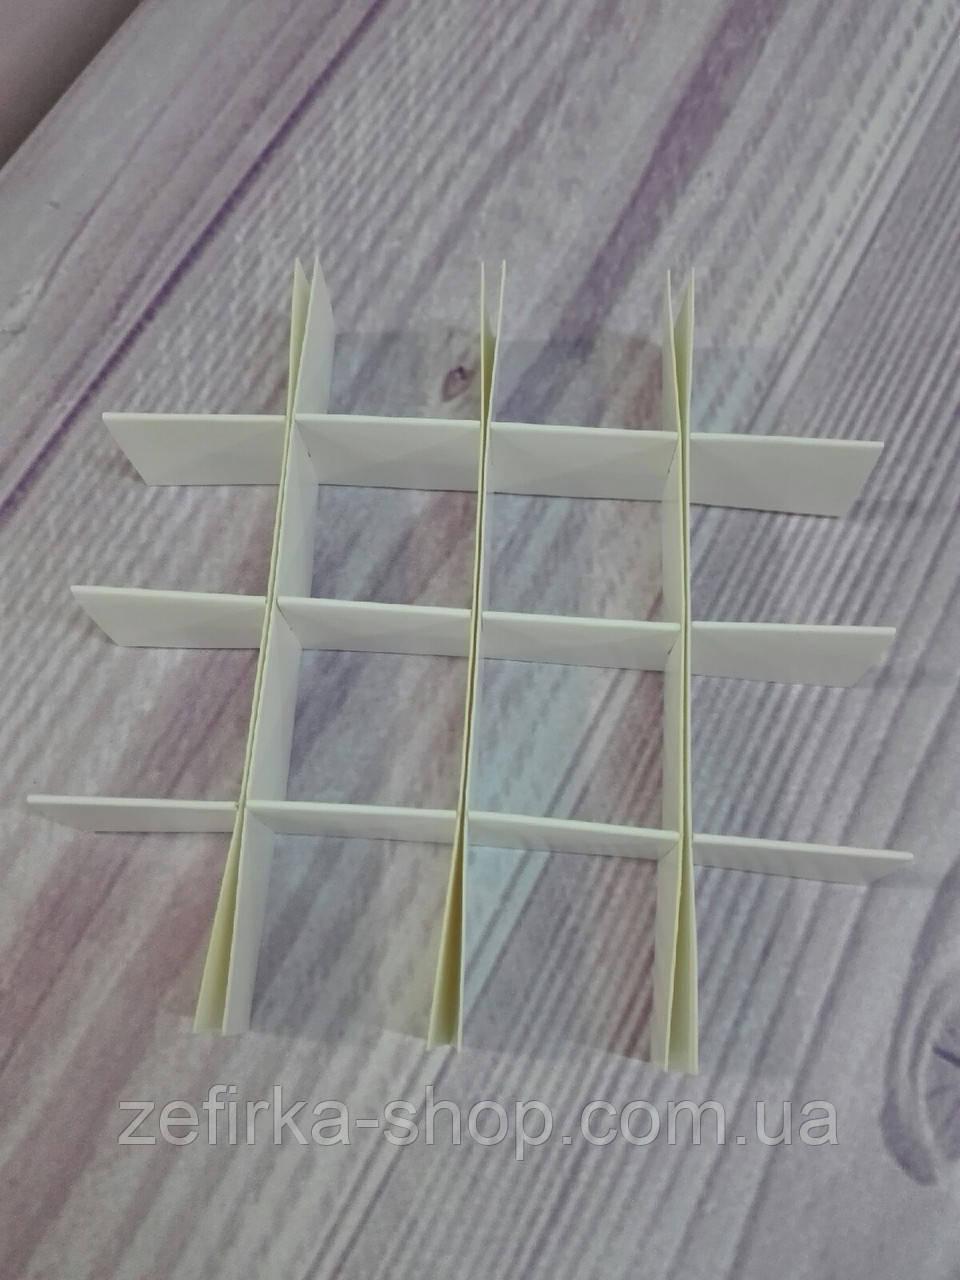 Перегородка для конфет 15*15 см, 16 ячеек